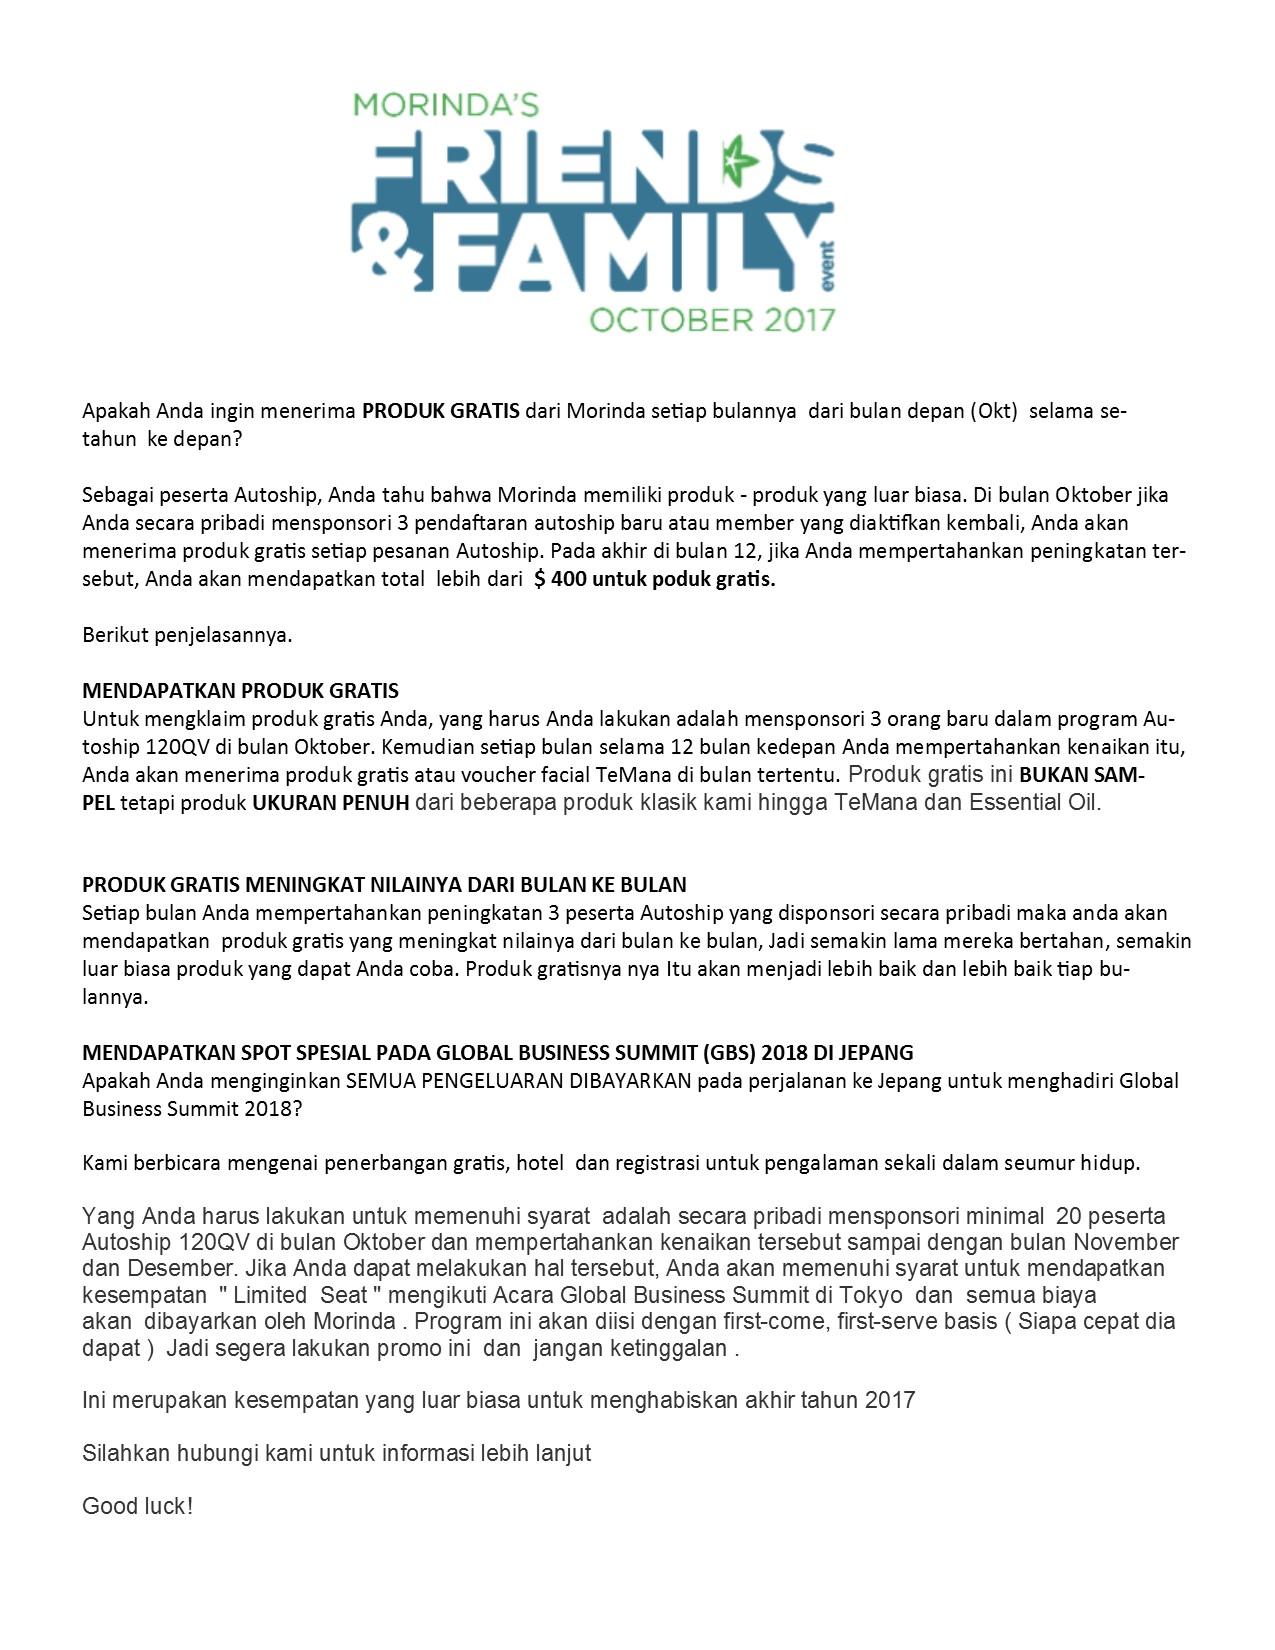 Morinda Family Promo